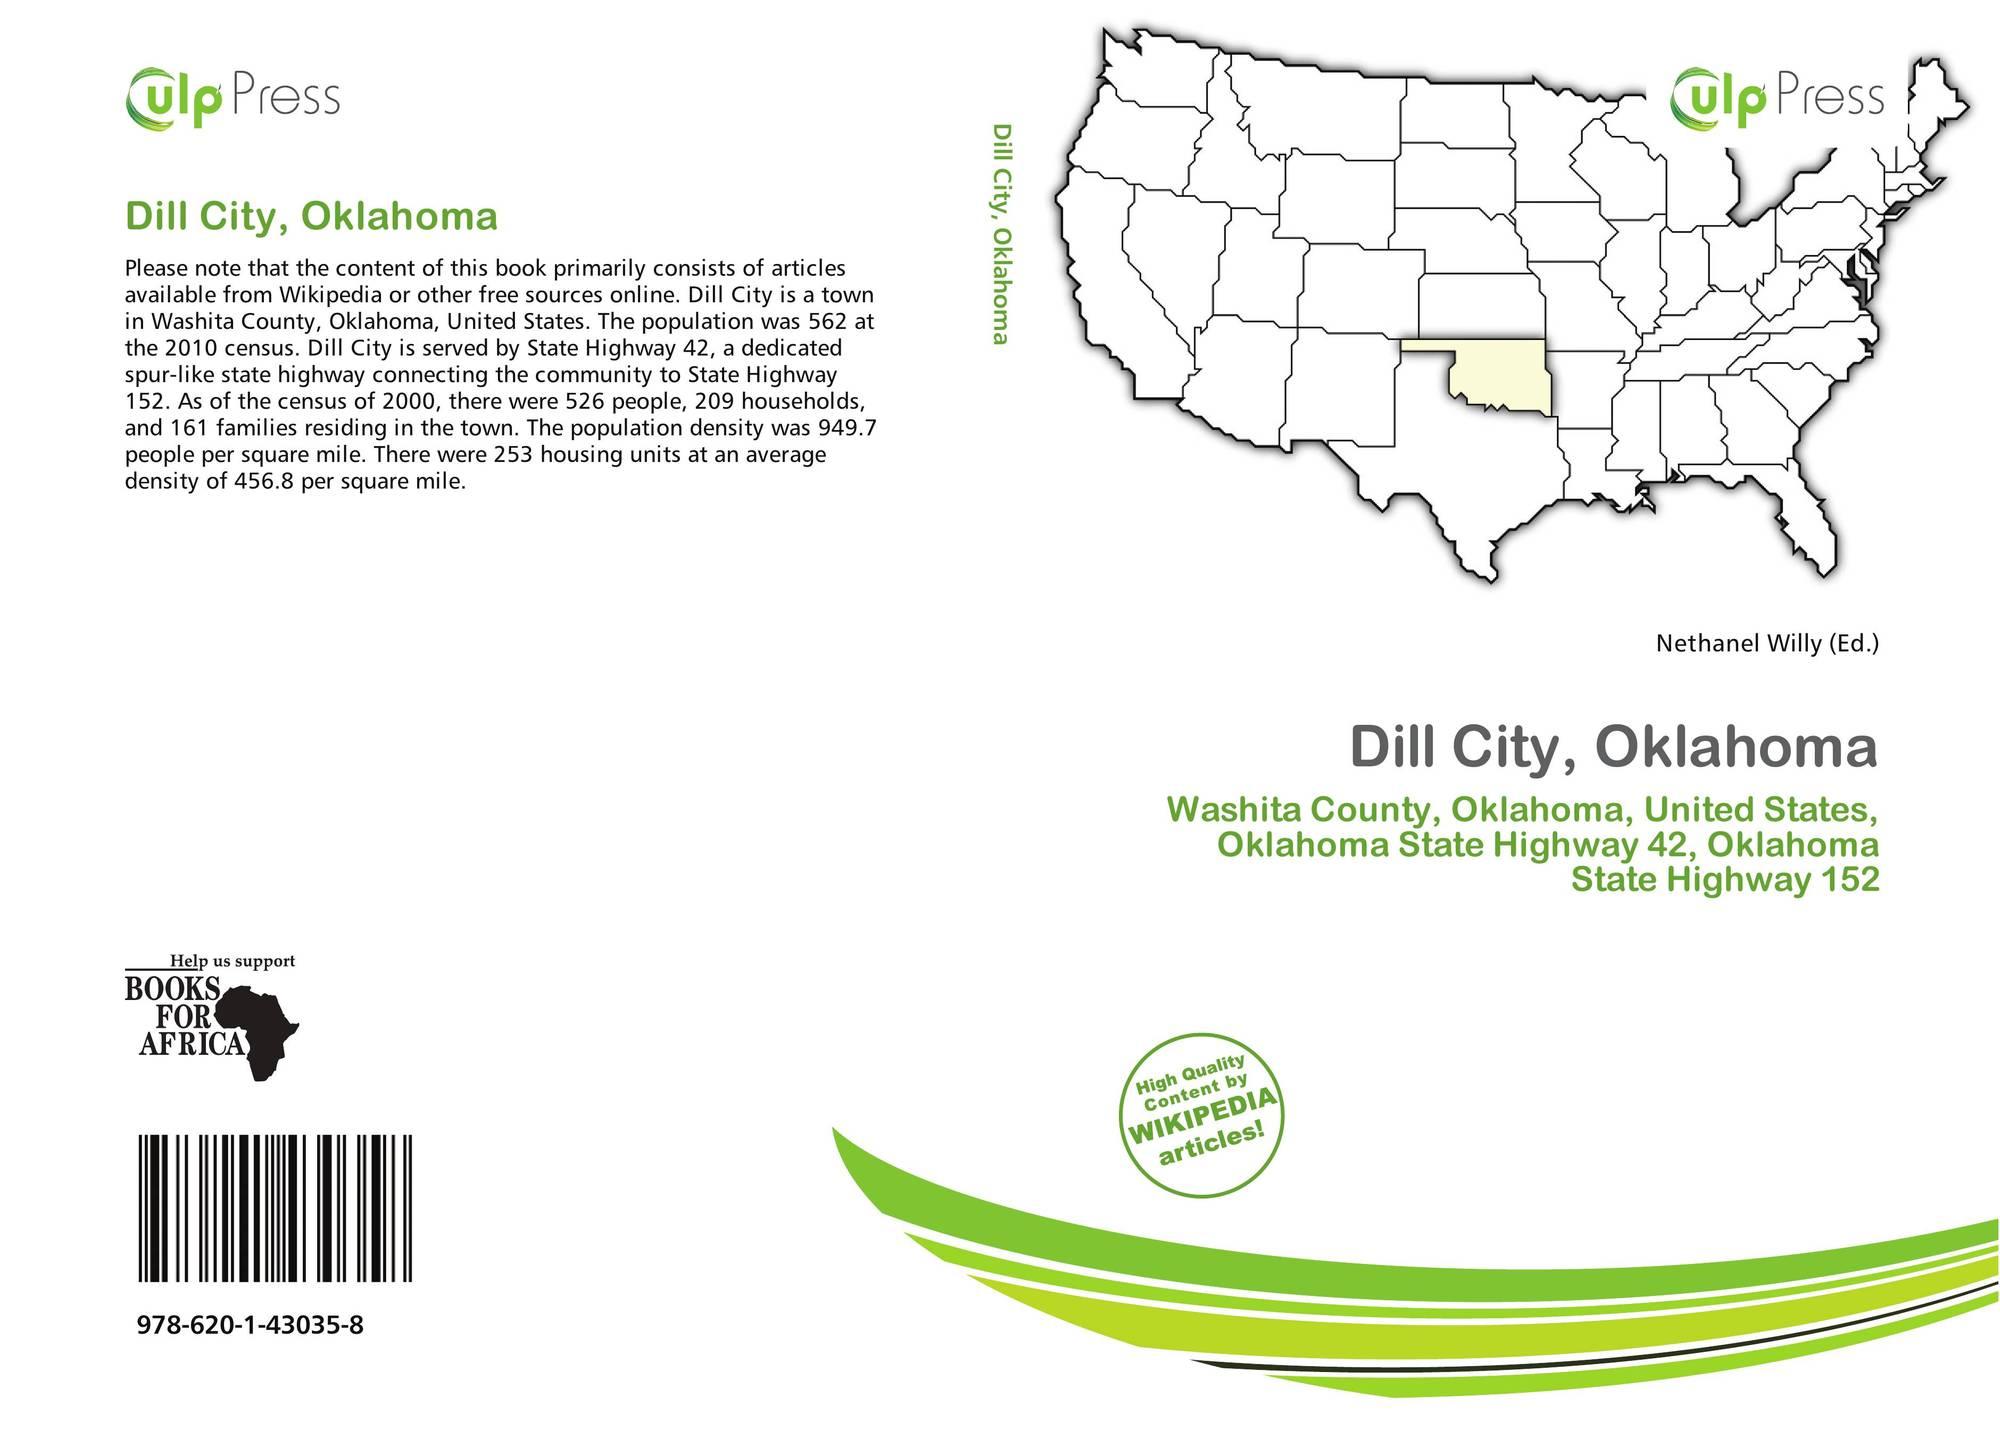 Resultados De La Bsqueda Por Oklahoma City Del Press Release Portada Libro Dill